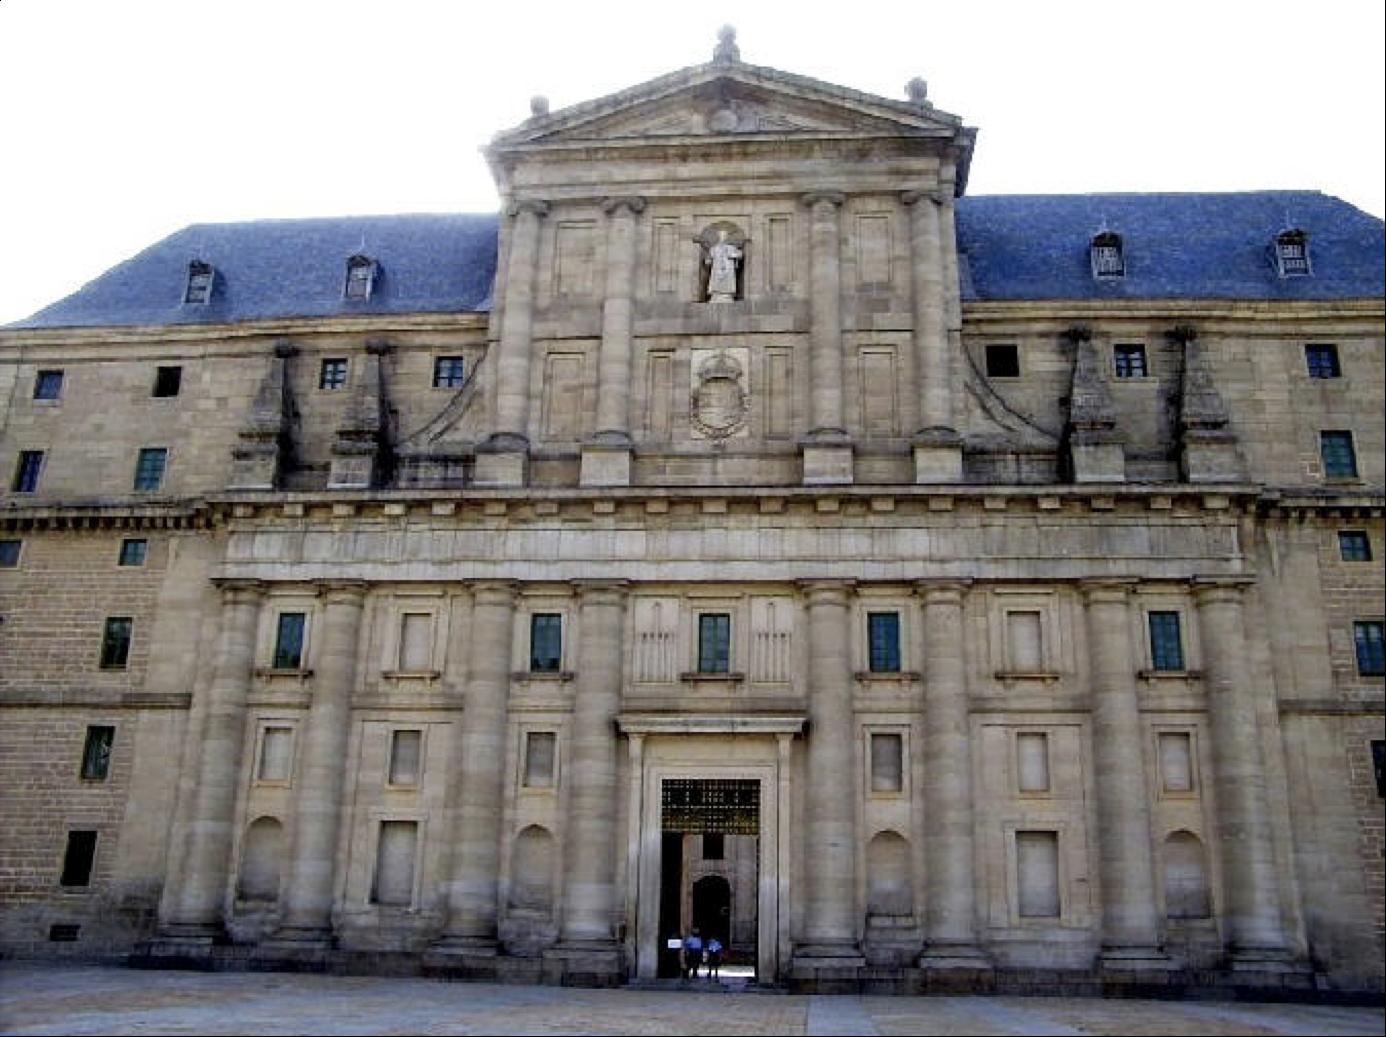 Historia del arte la arquitectura del renacimiento en for Caracteristicas de la arquitectura